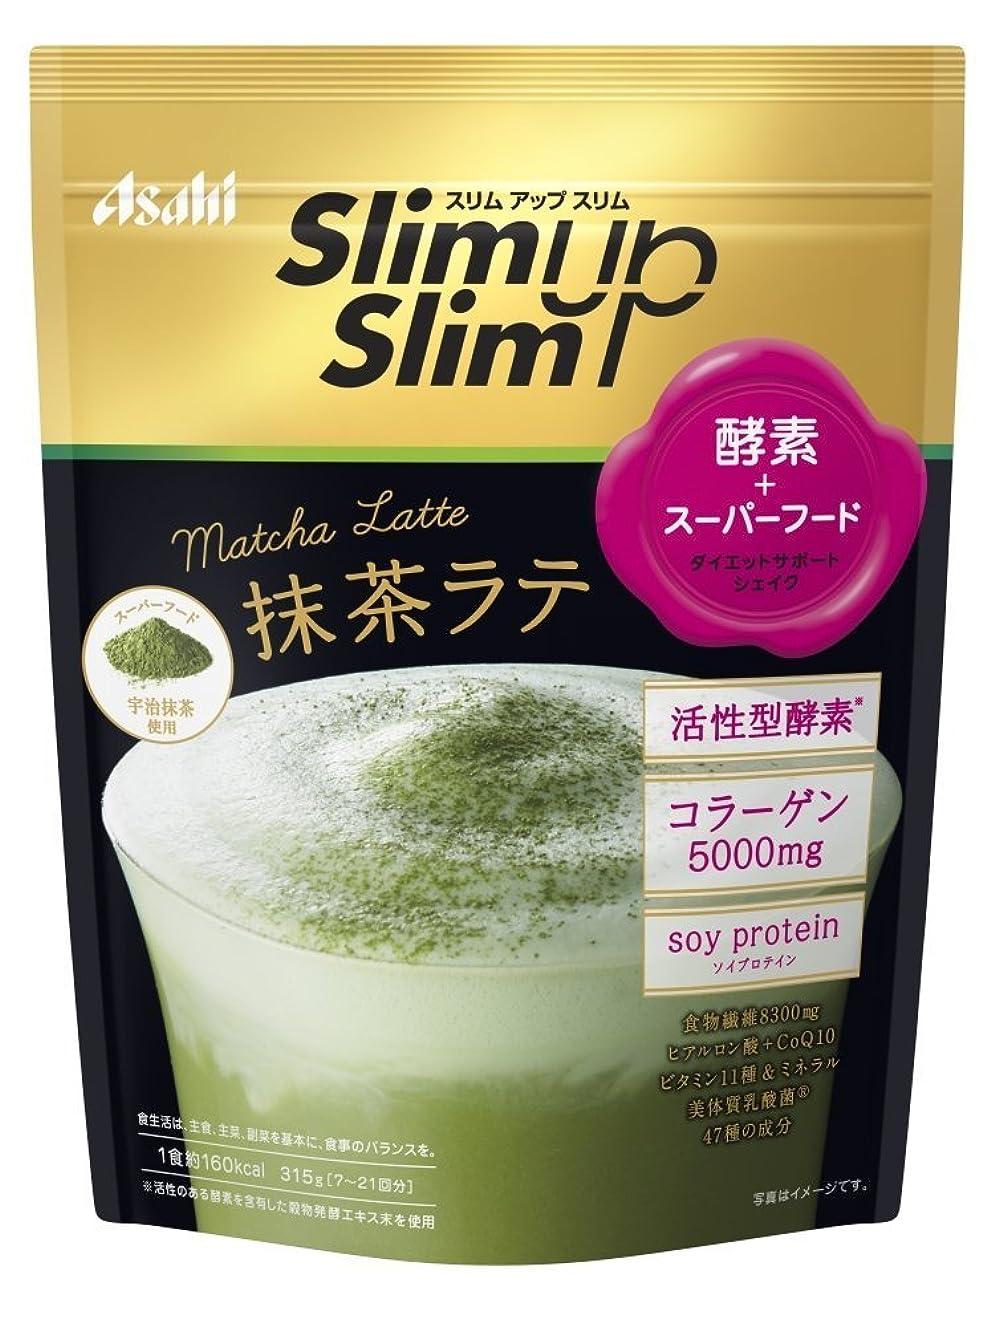 カヌー岩廃棄アサヒグループ食品 スリムアップスリム 酵素+スーパーフードシェイク 抹茶ラテ 315g